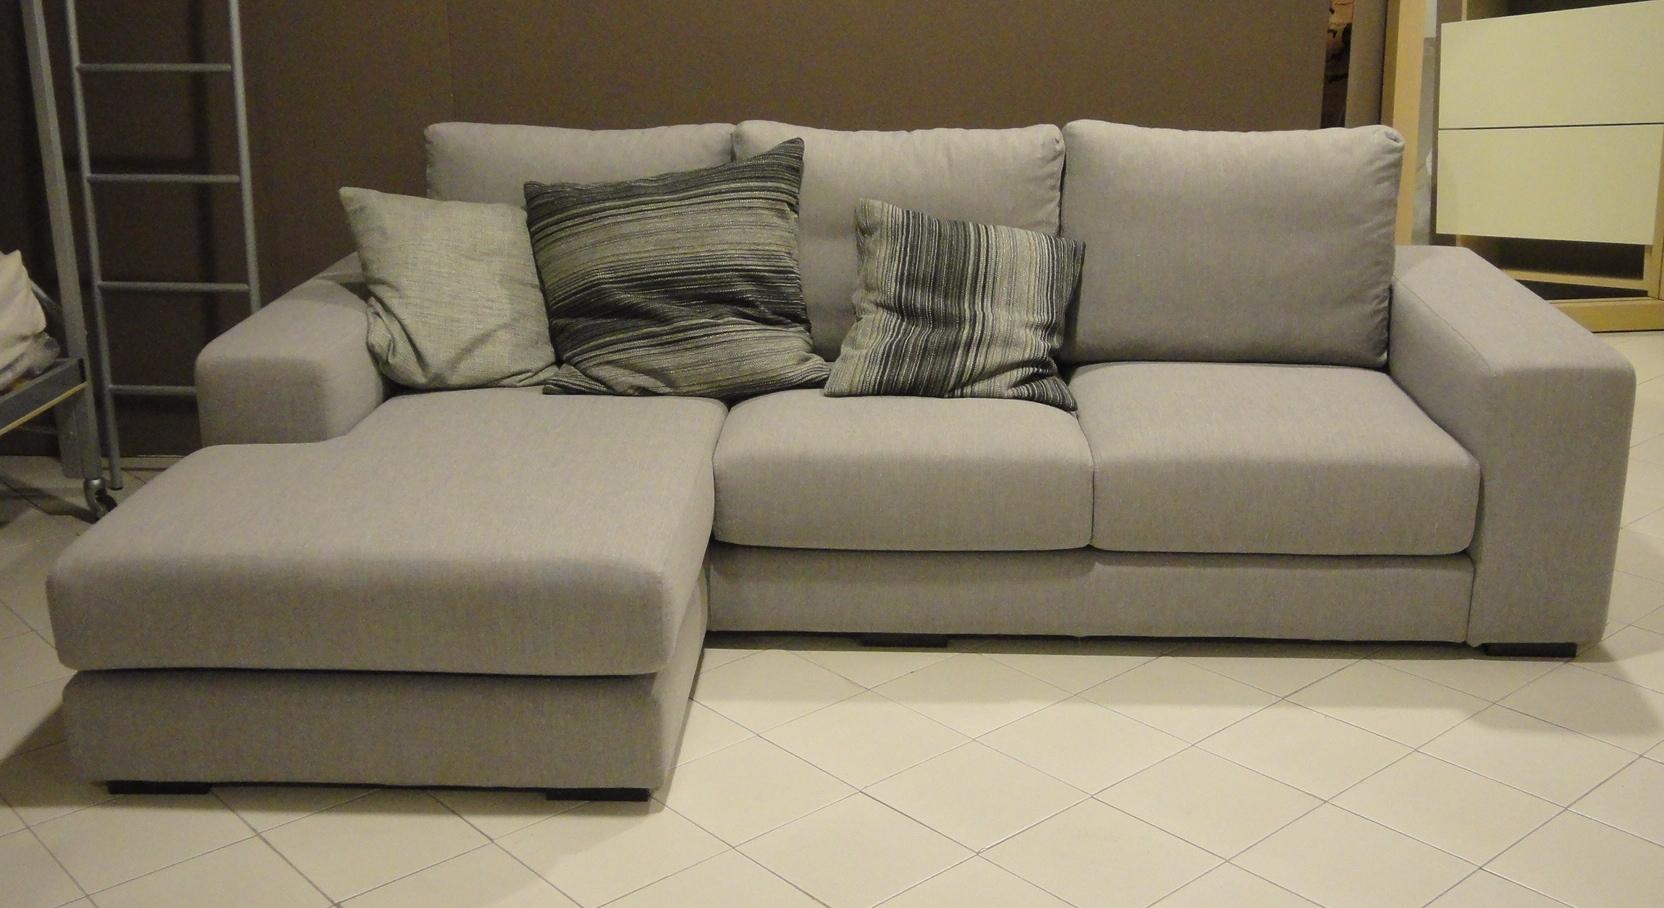 Gimas salotti divano verdi divani con penisola divani a for Divani salotti